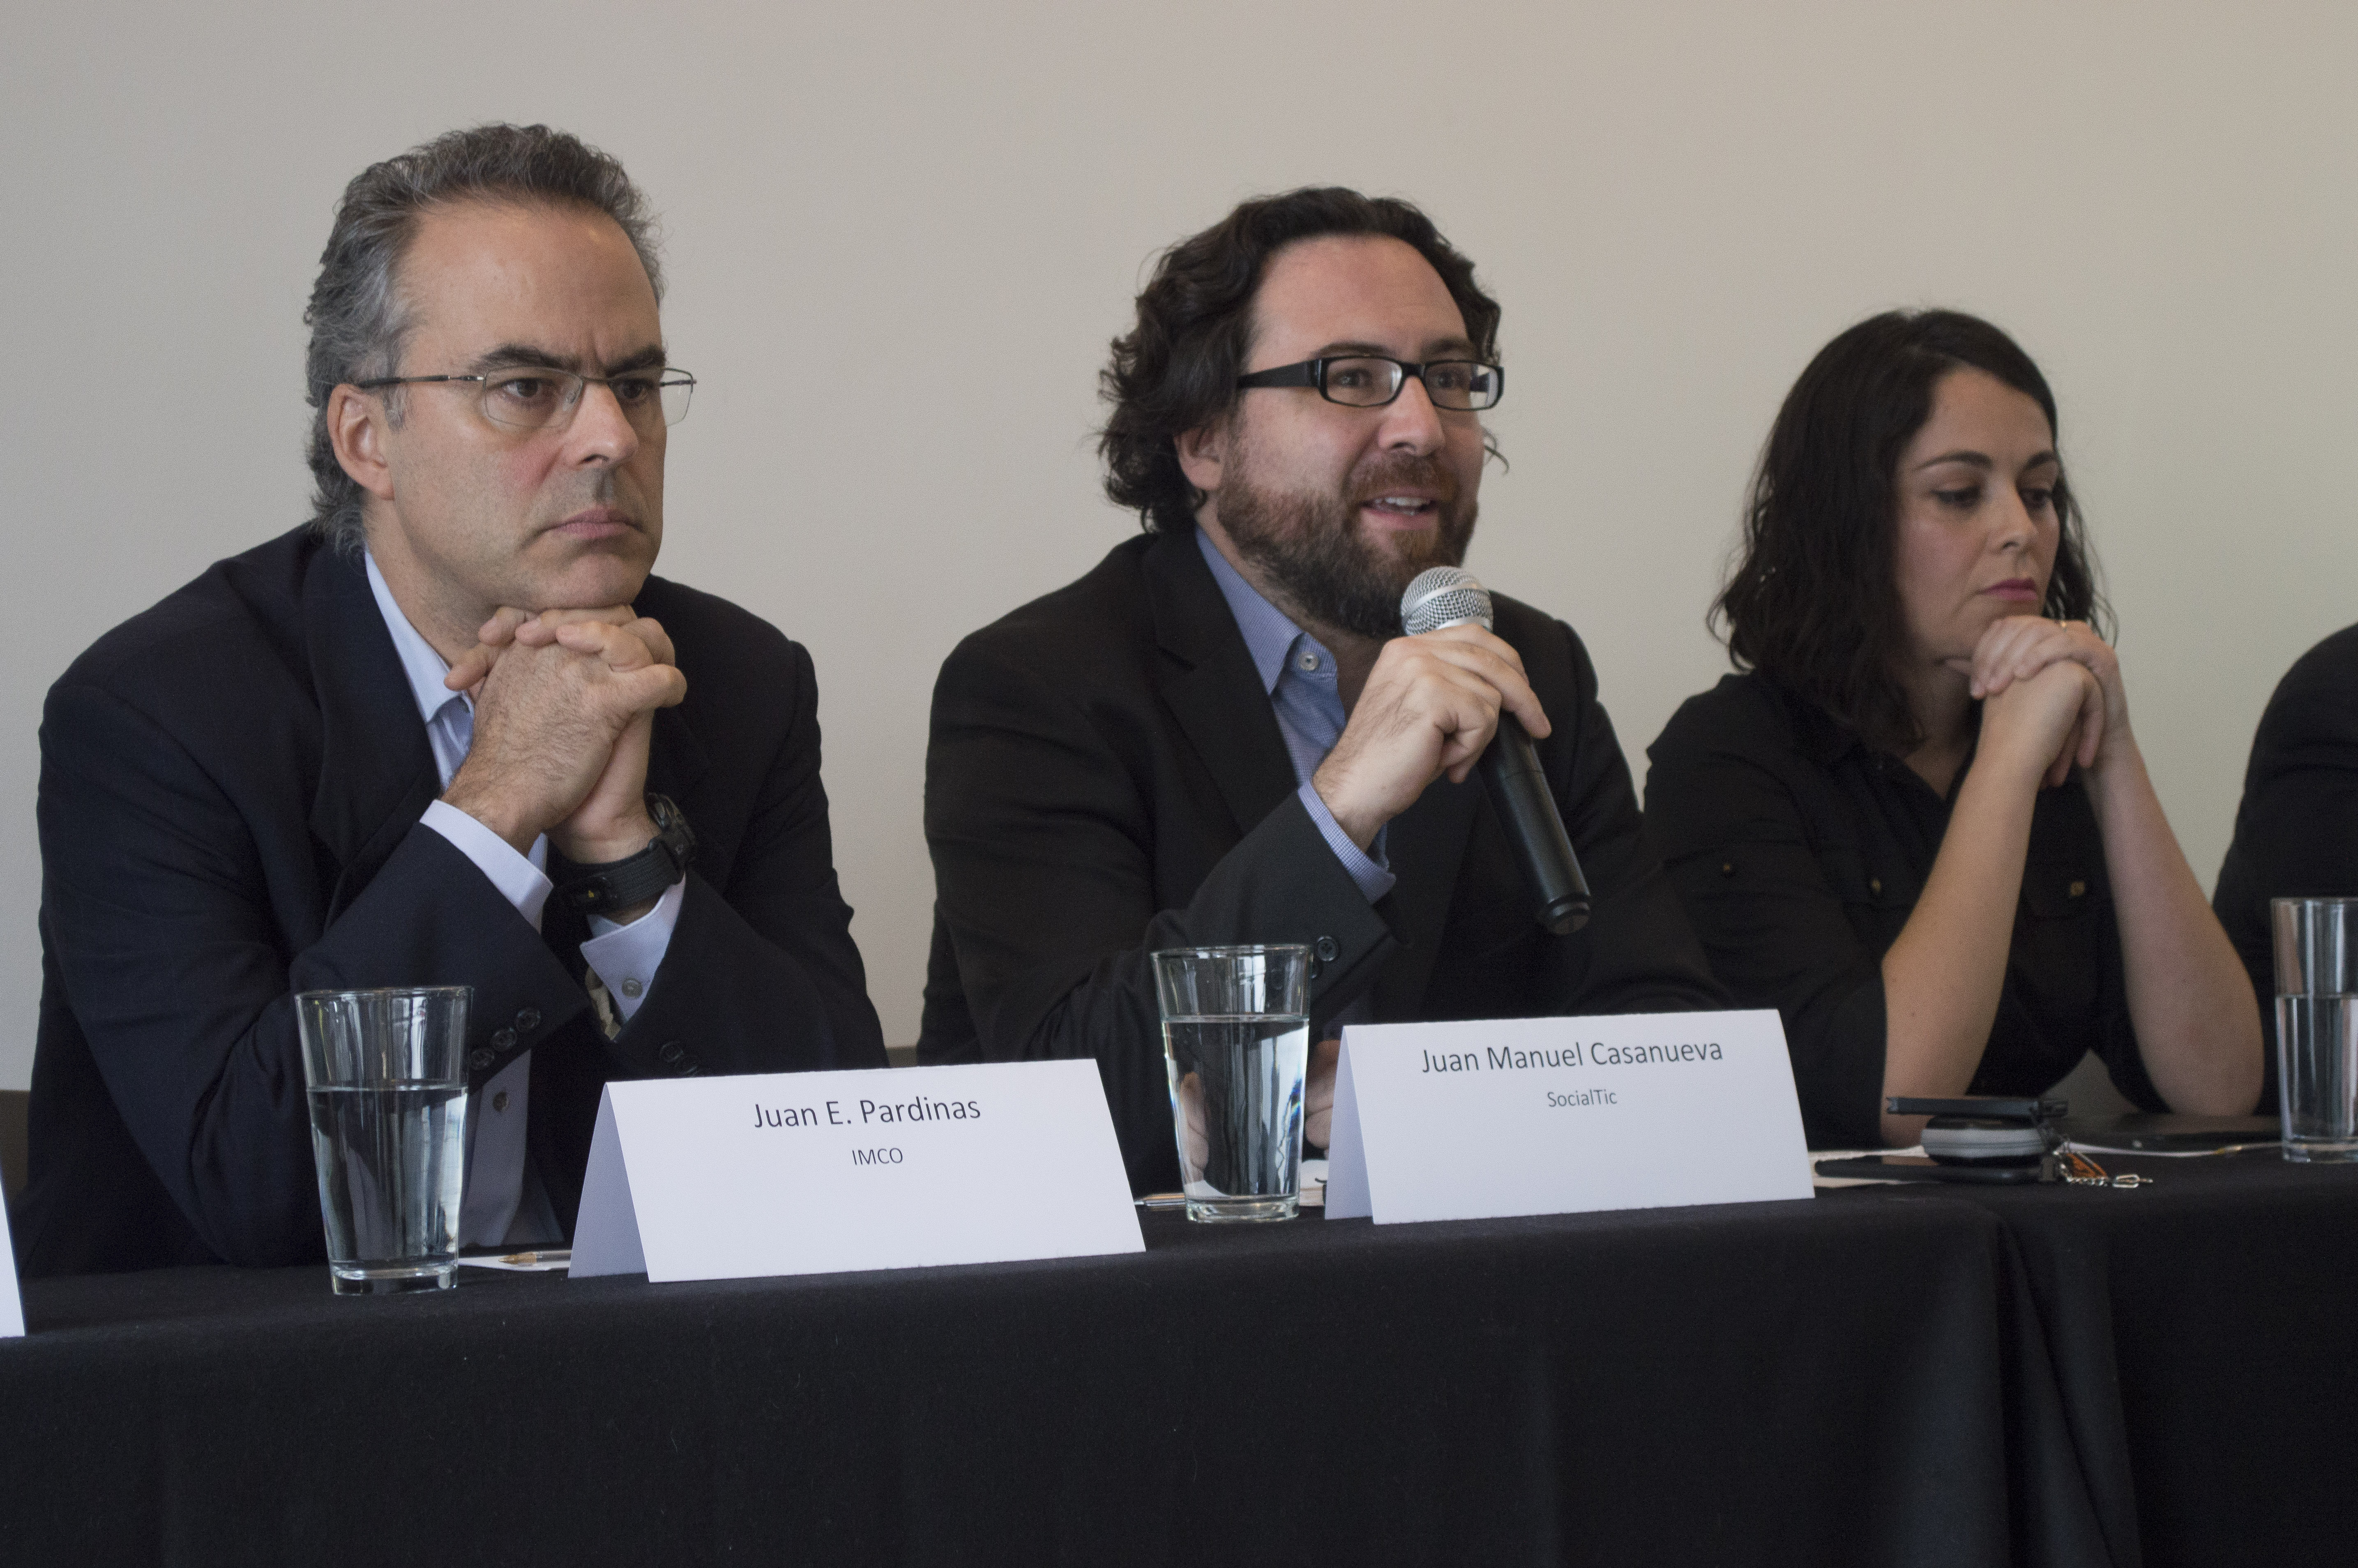 Juan Manuel Casanueva recordó en conferencia de prensa los casos de espionaje electrónico por parte del gobierno contra periodistas y activistas. FOTO CUARTOSCURO